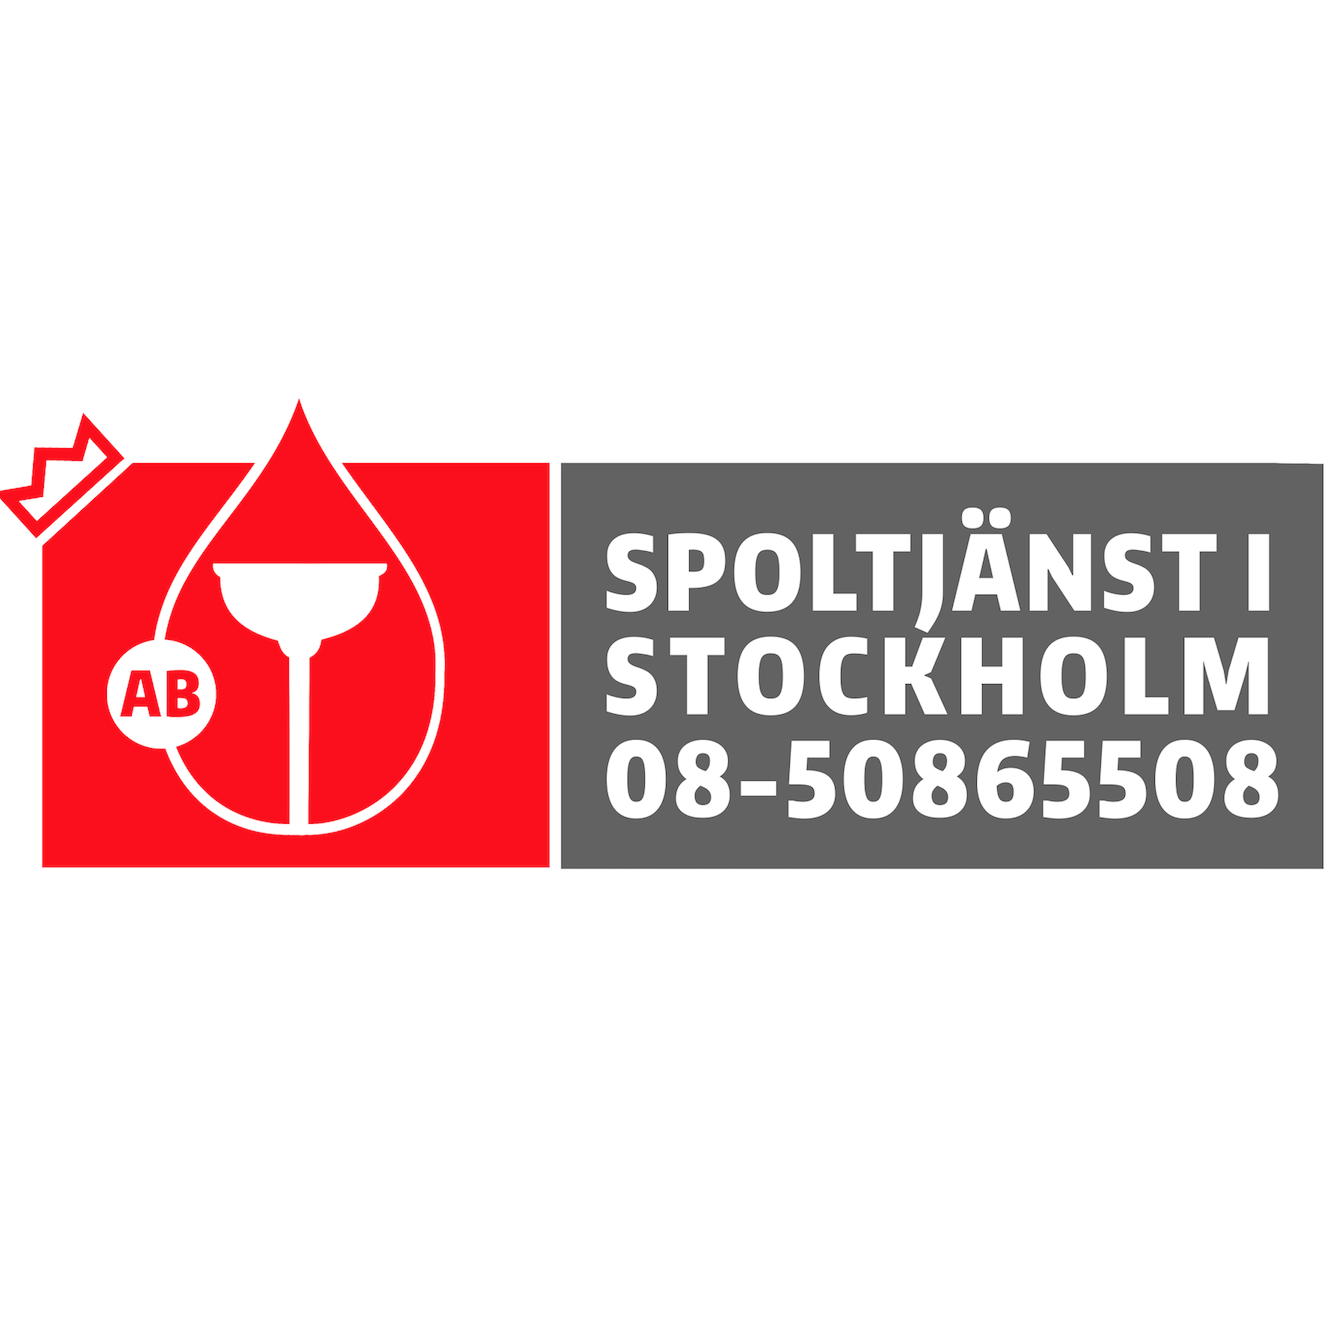 Spoltjänst I Stockholm AB